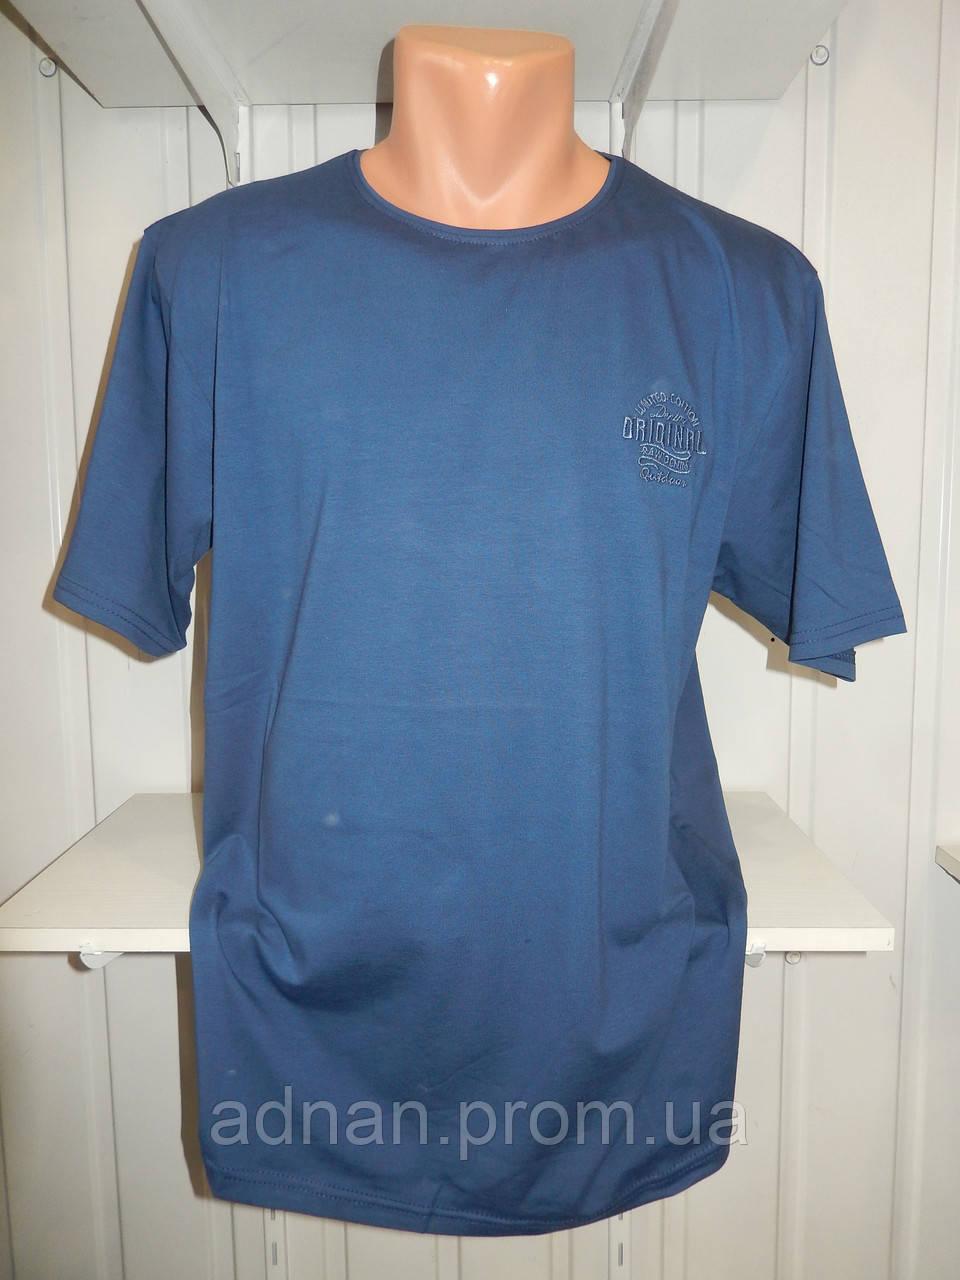 Футболка мужская батал RBS ORIGINAL стрейч коттон  005 \ купить футболку мужскую оптом